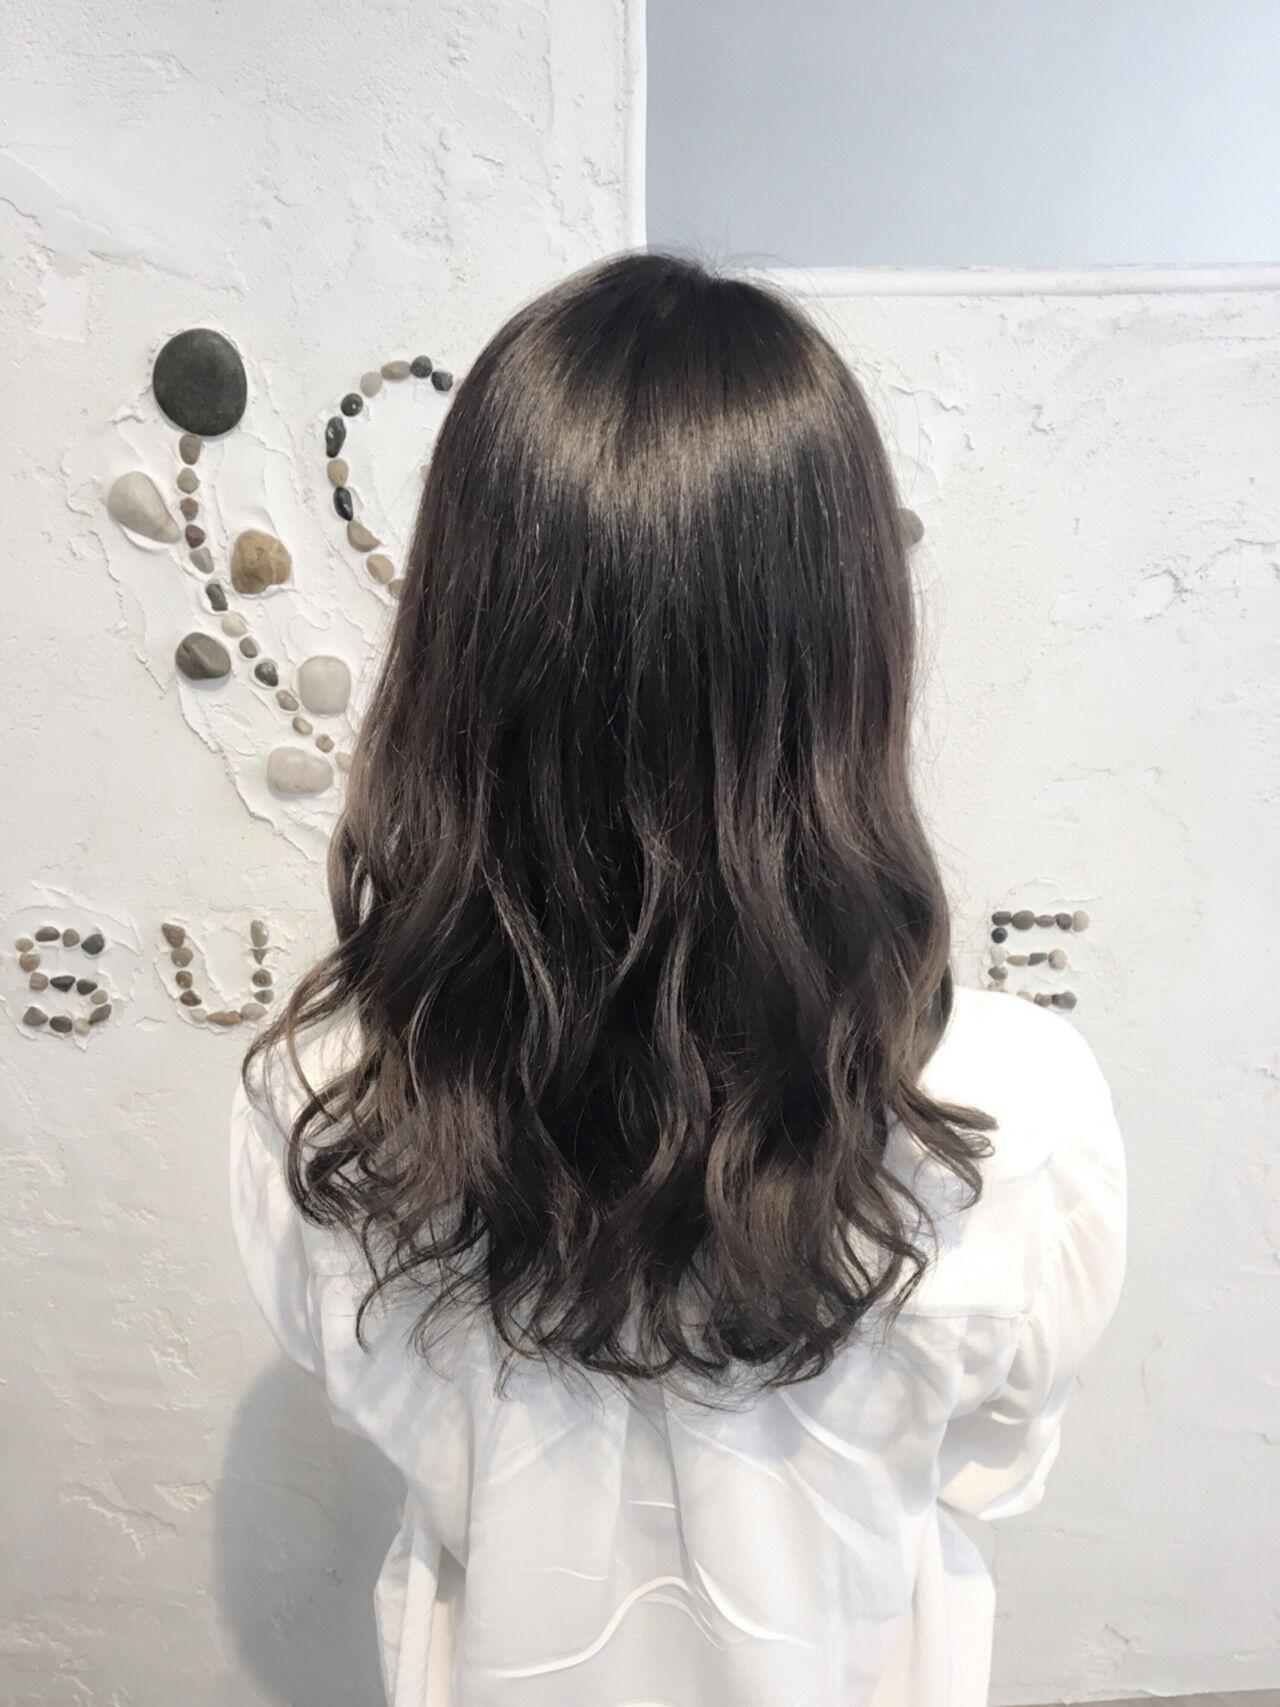 アンニュイ 外国人風 暗髪 グラデーションカラーヘアスタイルや髪型の写真・画像